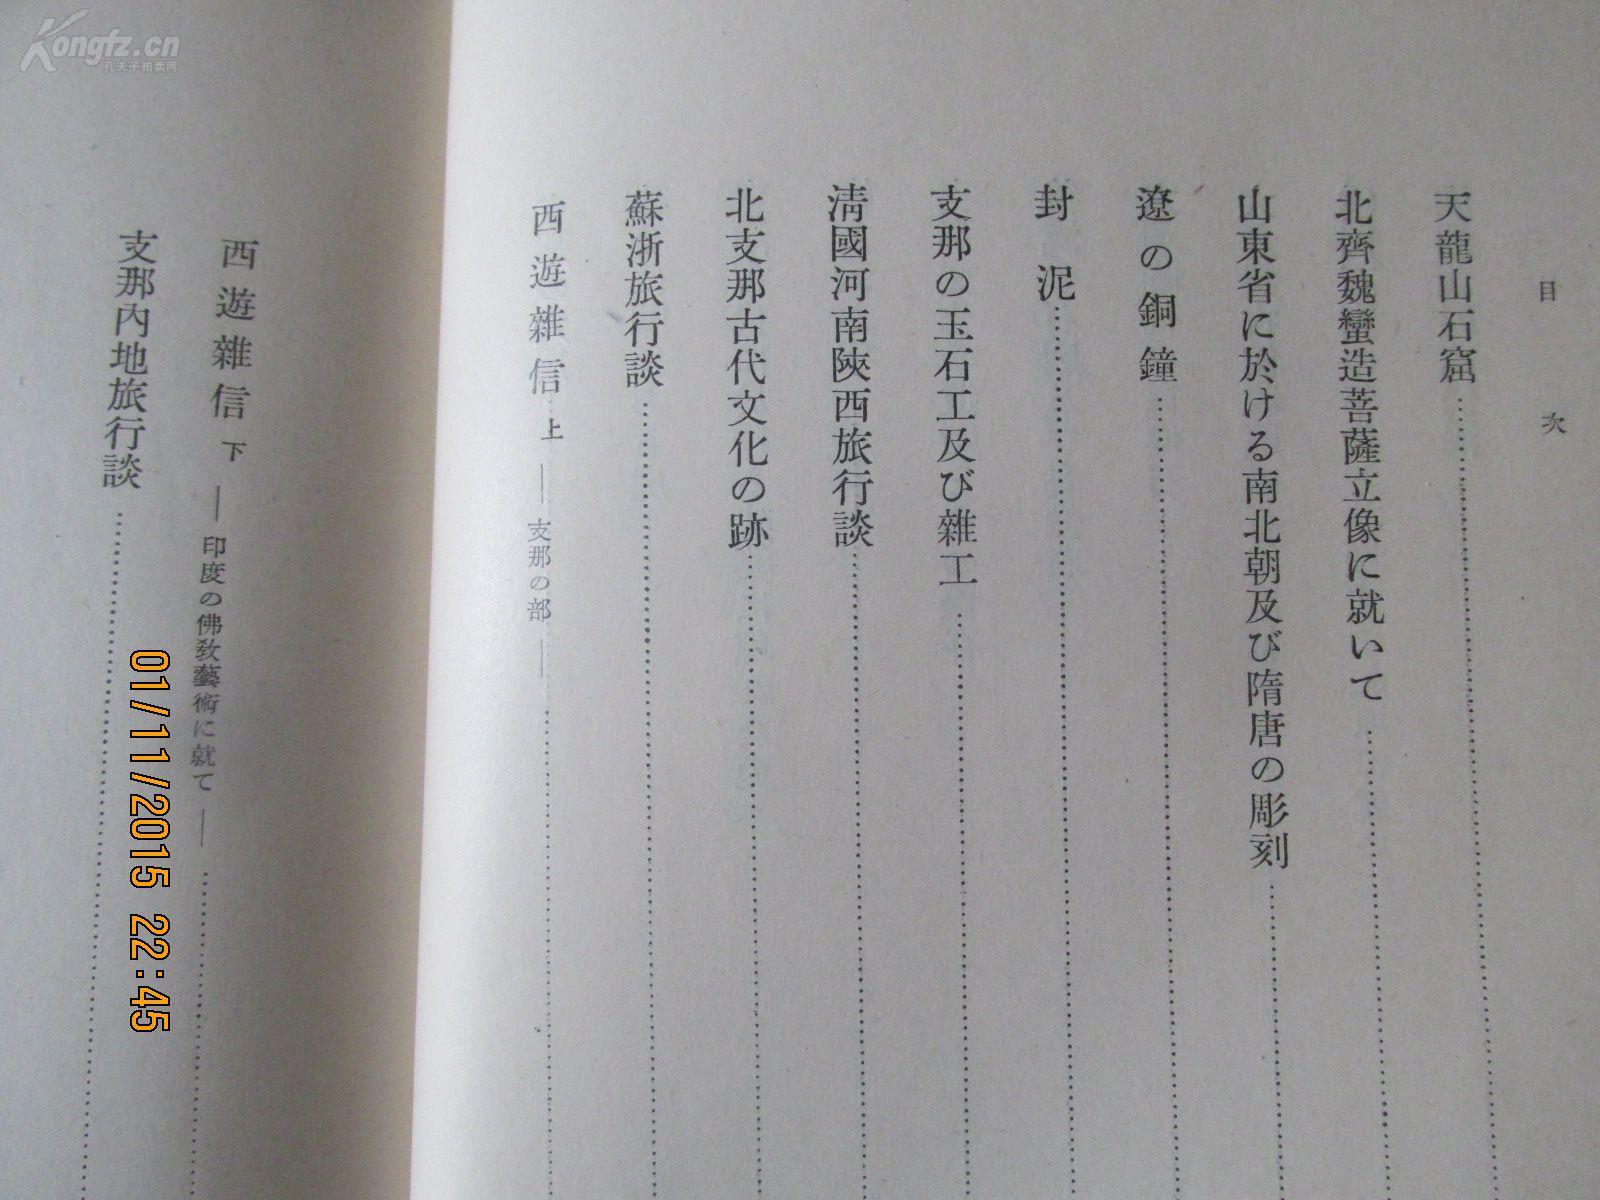 《艺术的建筑和支那》一厚册800多页全!中国包装设计v艺术网图片